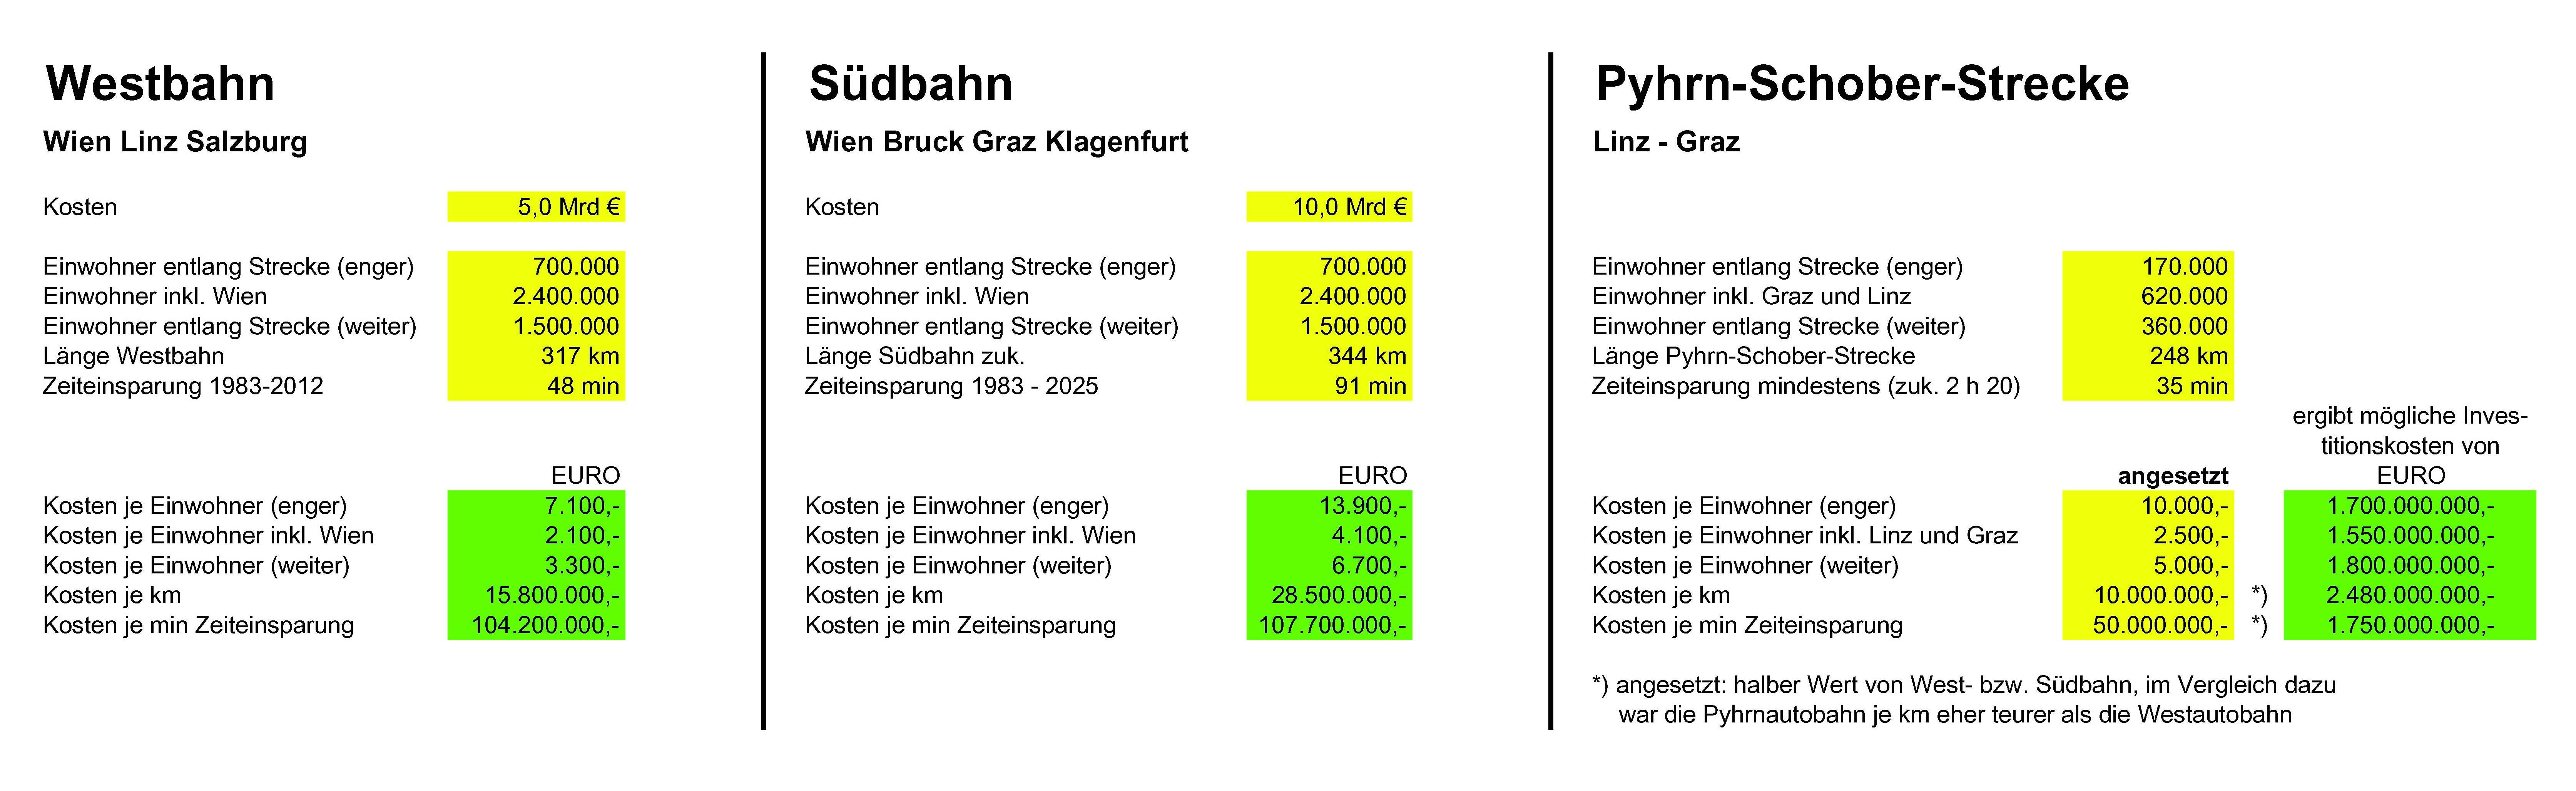 bank österreich vergleich